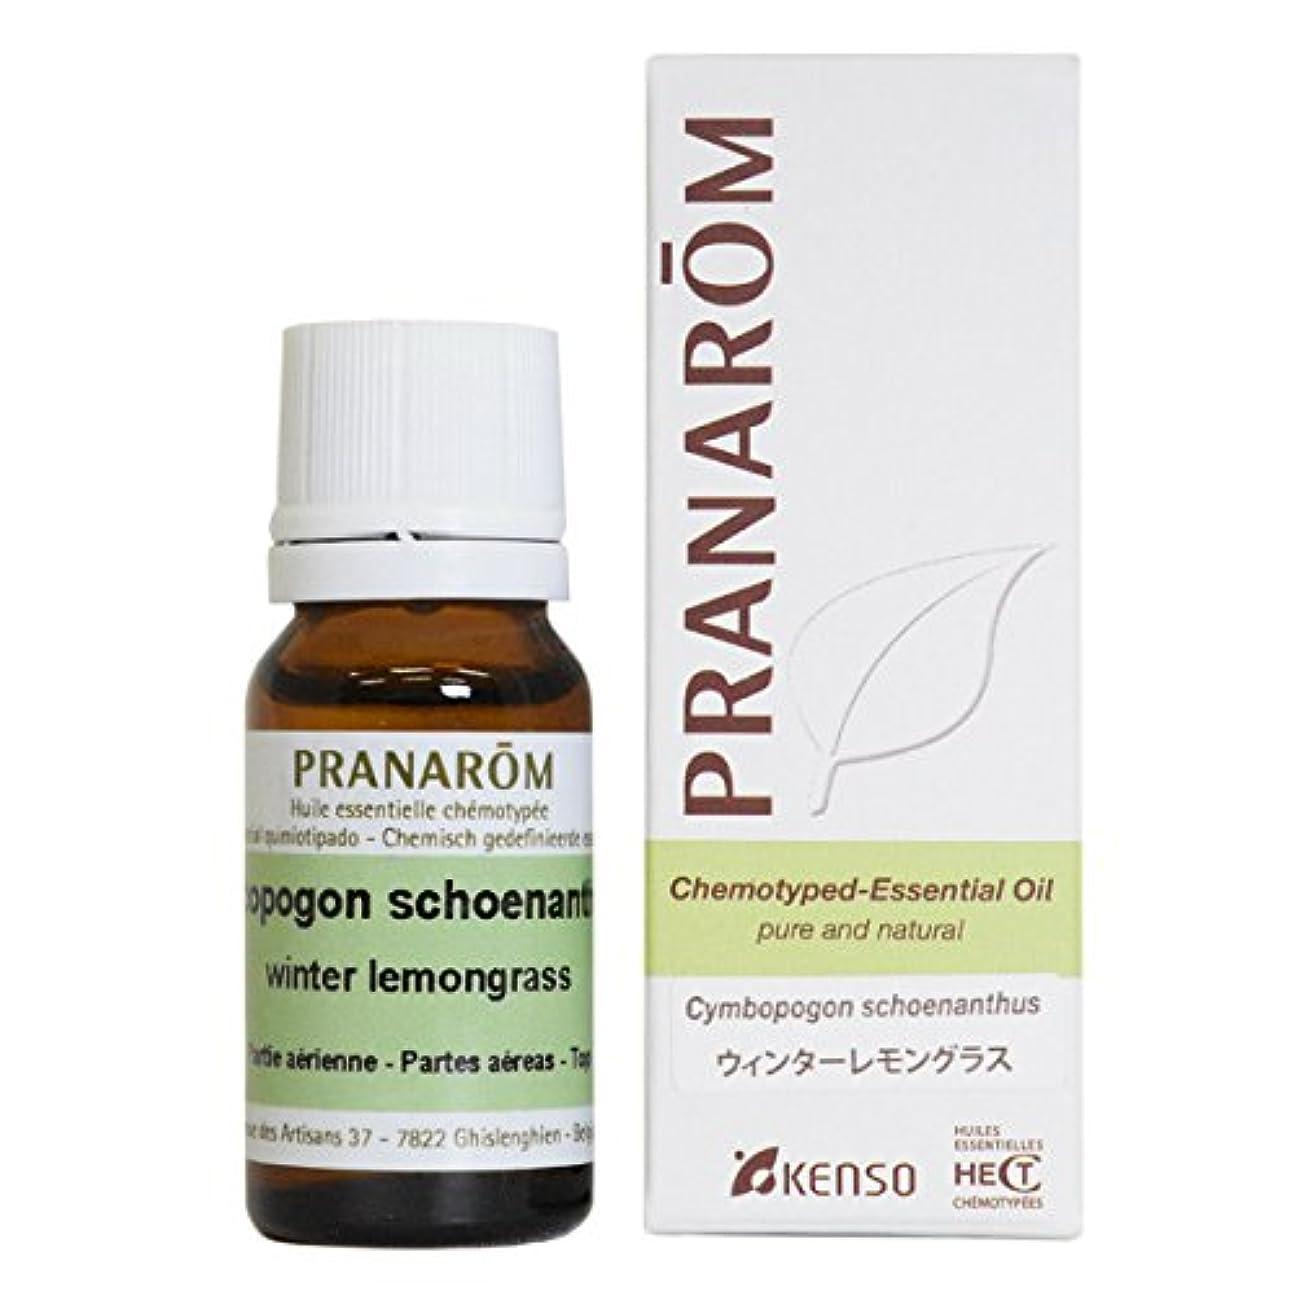 夜明けに最適方法プラナロム ウィンターレモングラス 10ml (PRANAROM ケモタイプ精油)